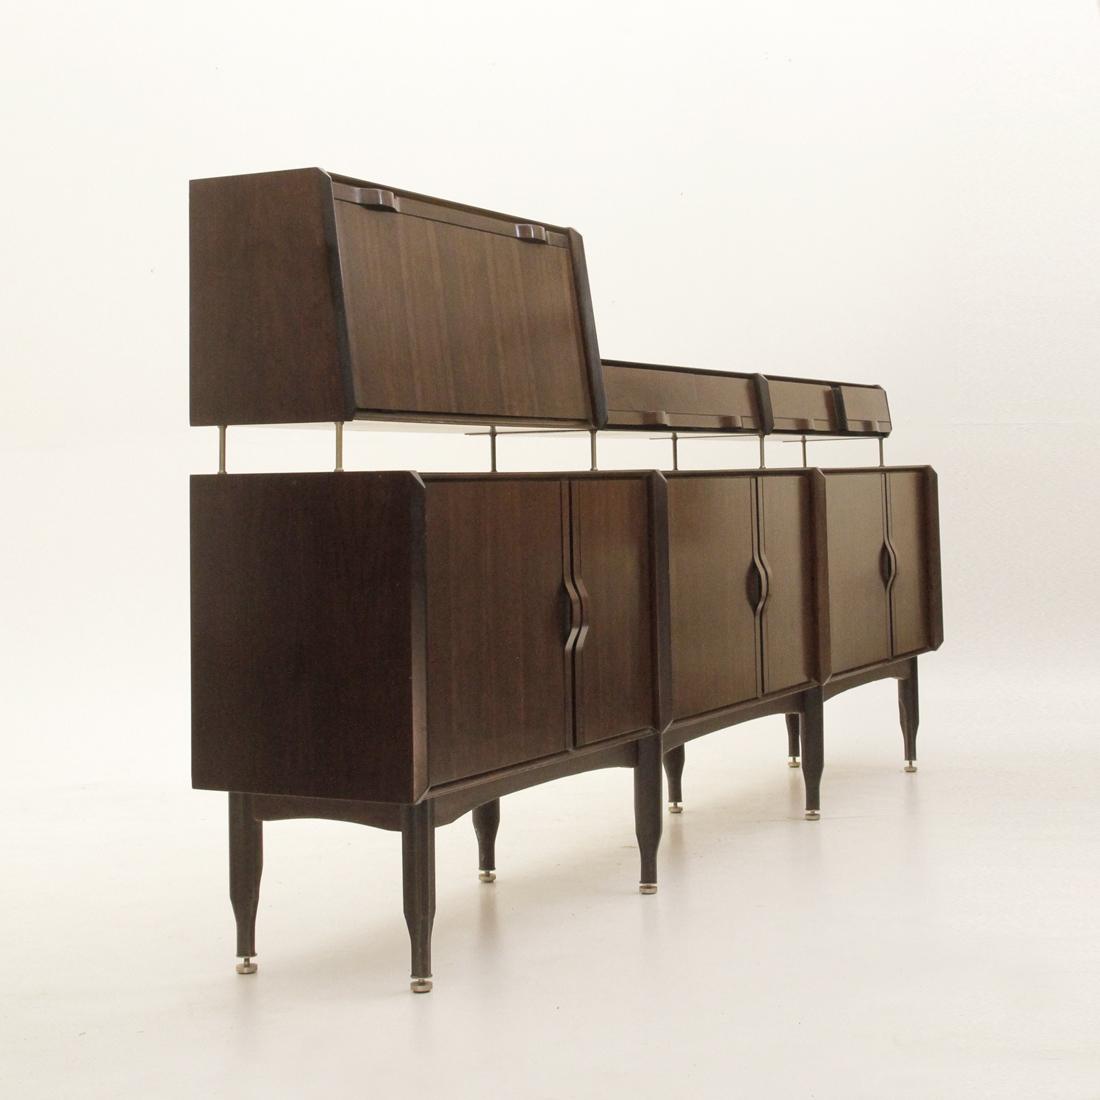 Arredamento Anni 60 Foto sideboard anni 60 , la permanente mobili cantù, cabinet